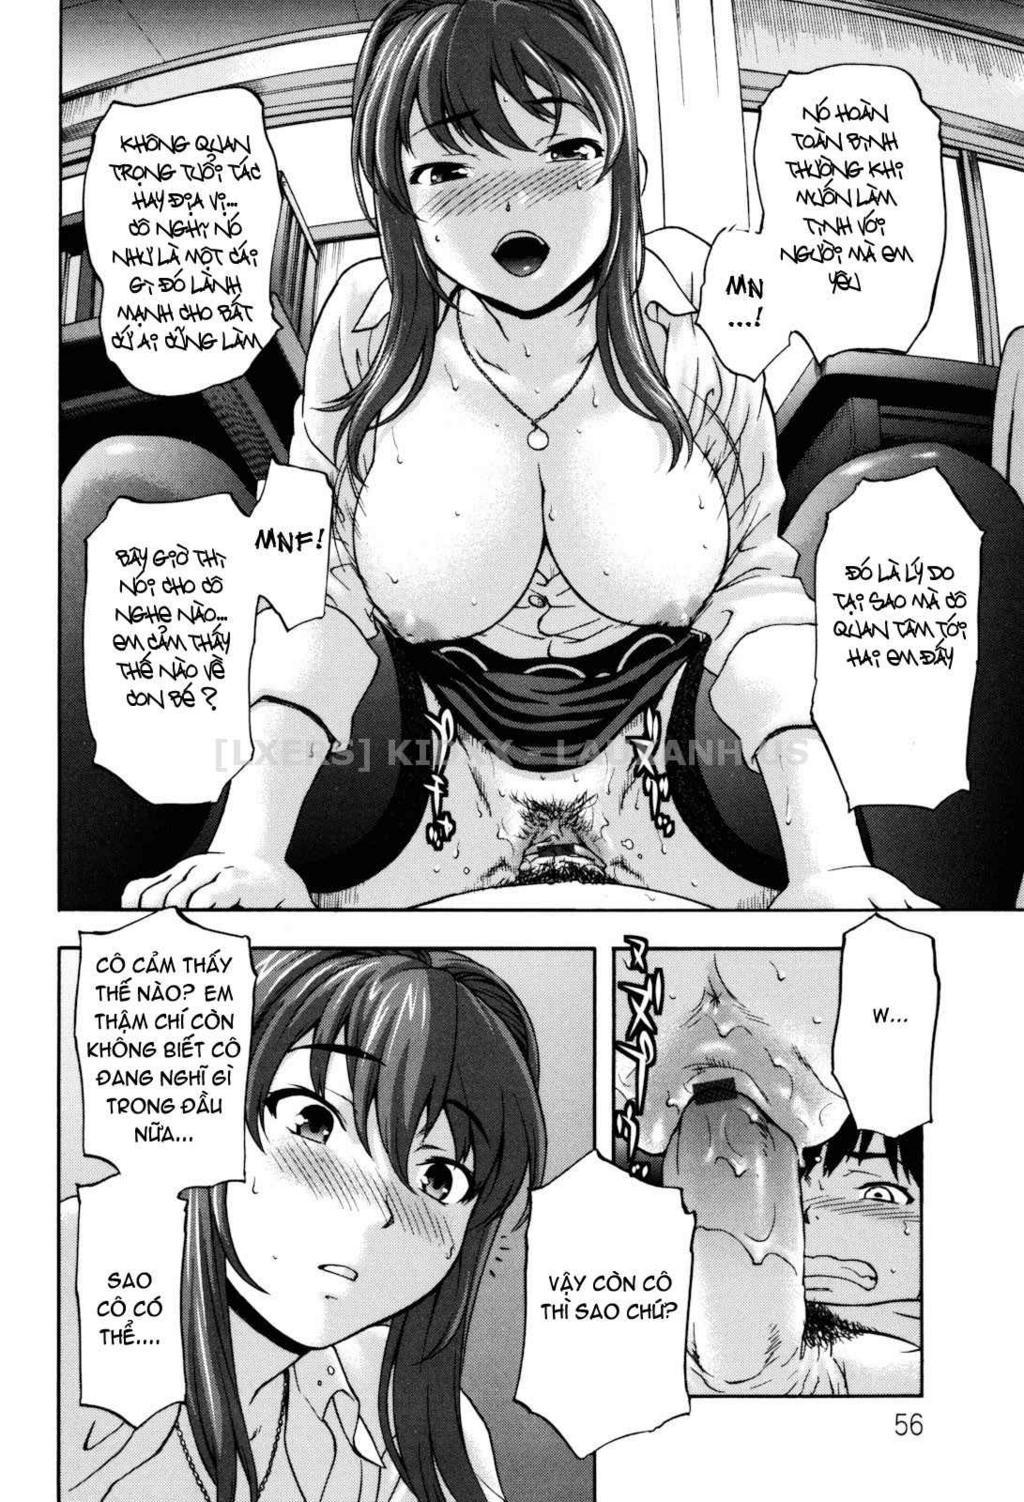 Hình ảnh image_011 trong bài viết Hiếp dâm các em trinh nữ